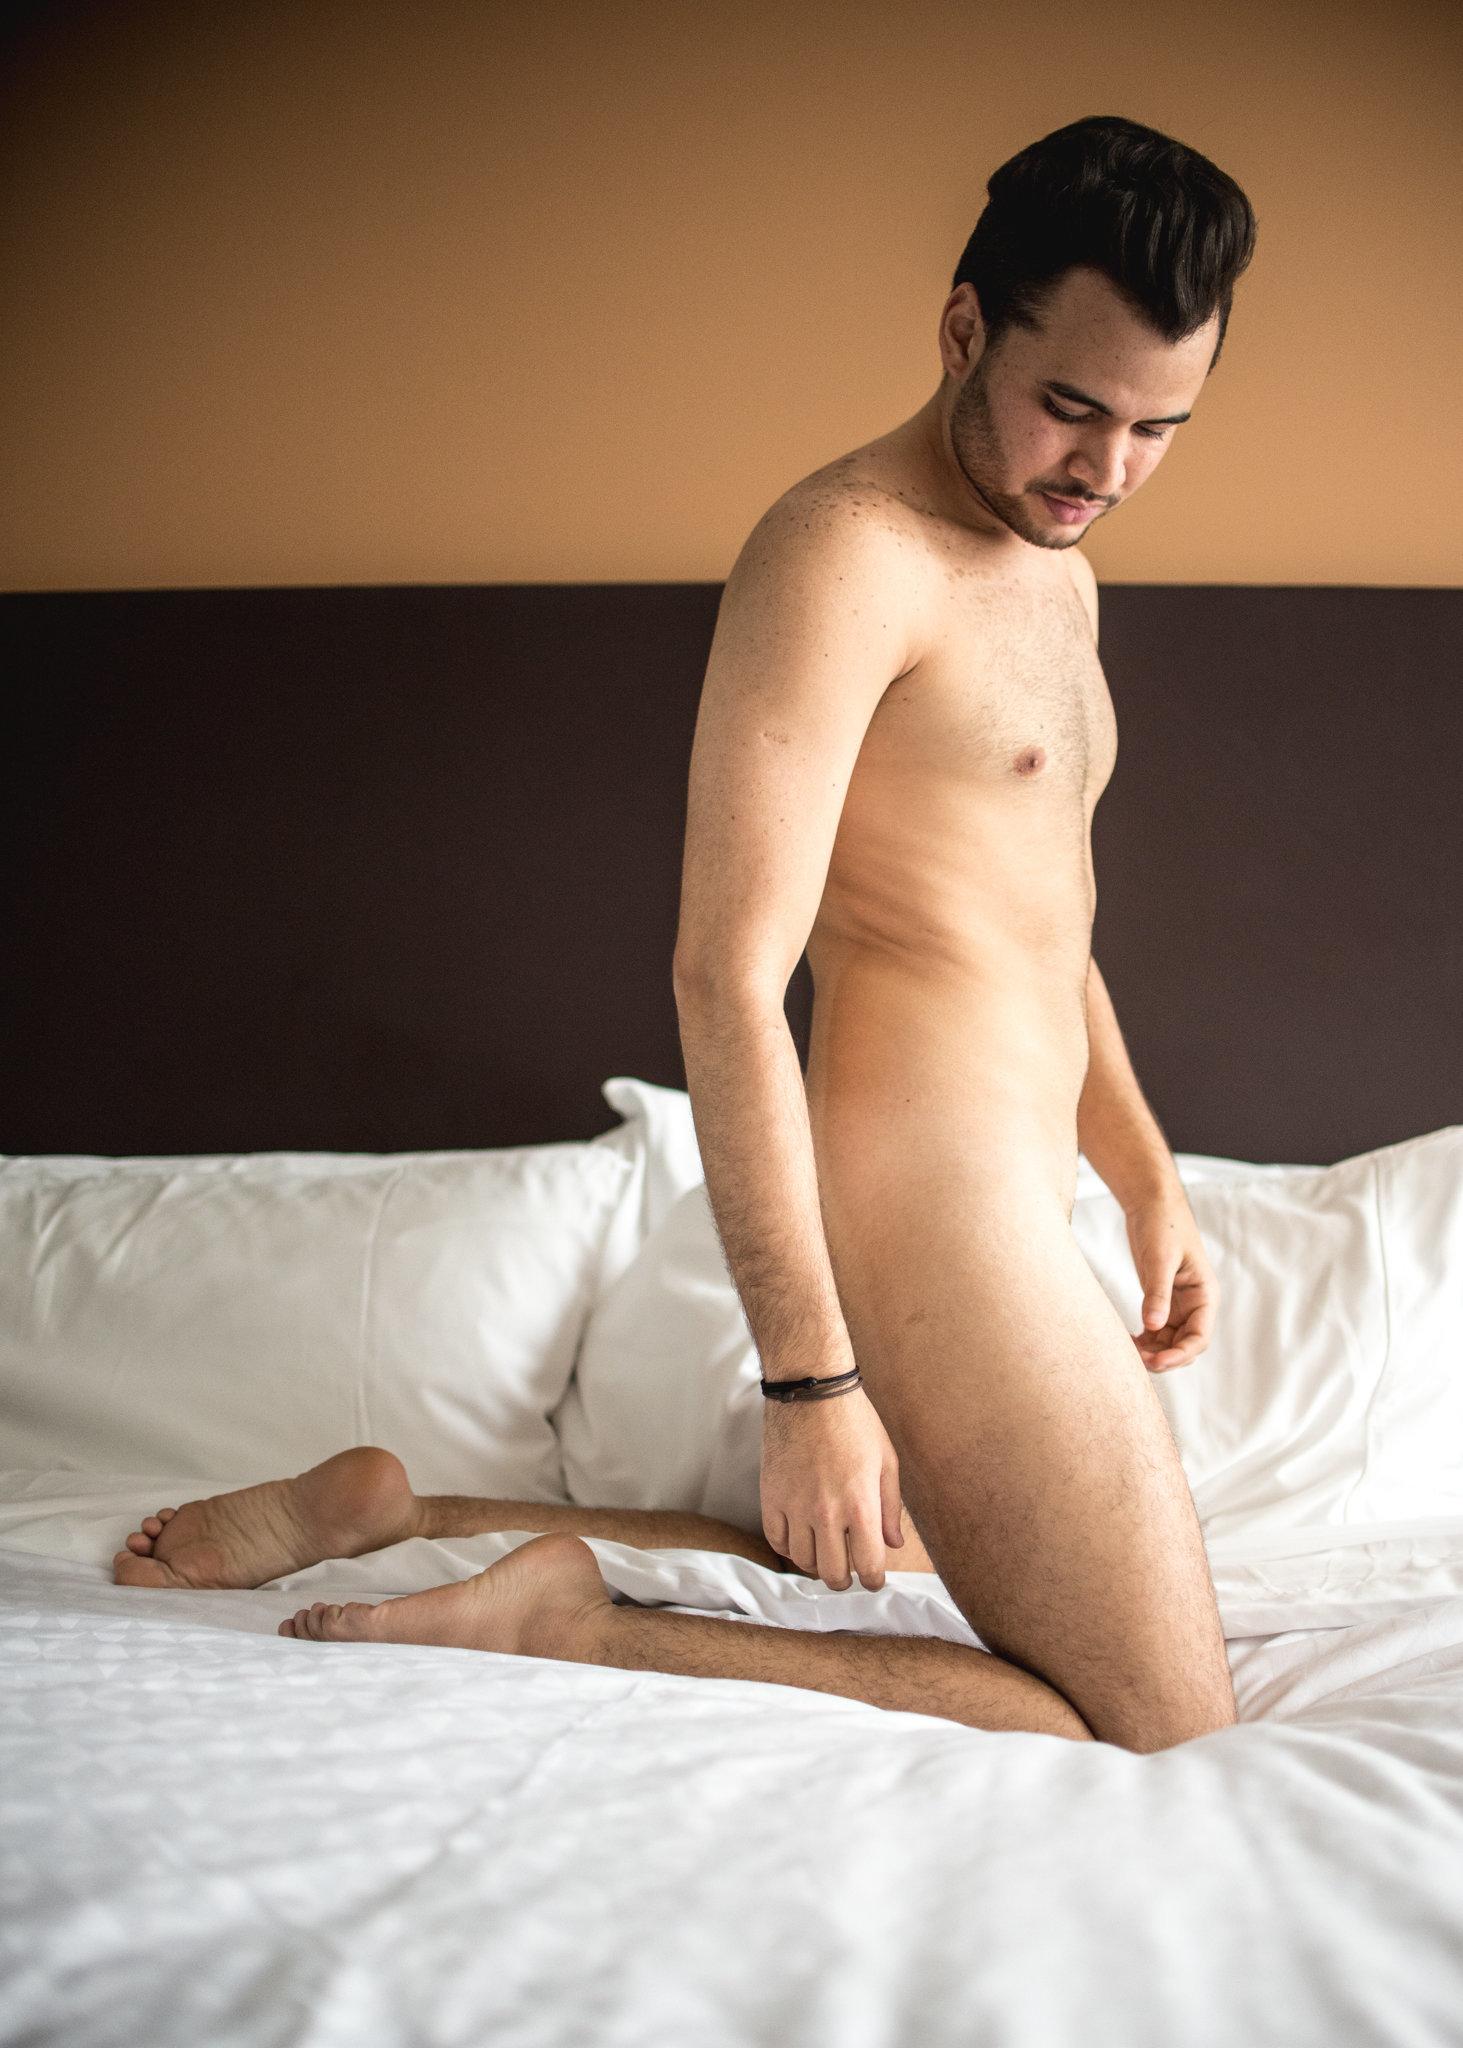 Nude colombian men